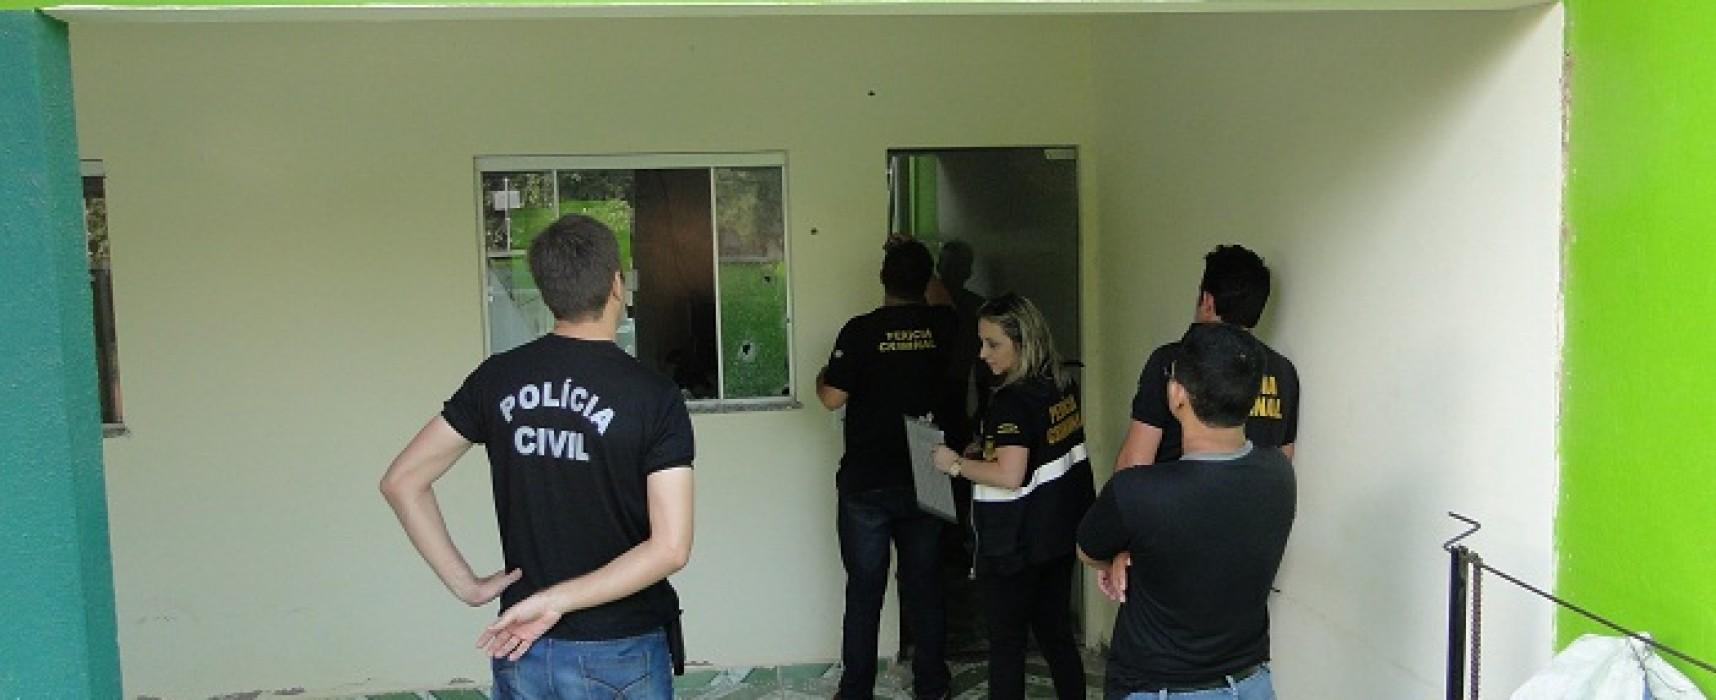 Peritos da Civil fazem pericia na casa do Sec. Do Meio Ambiente que foi alvejada por tiros na madrugada dessa terça-feira